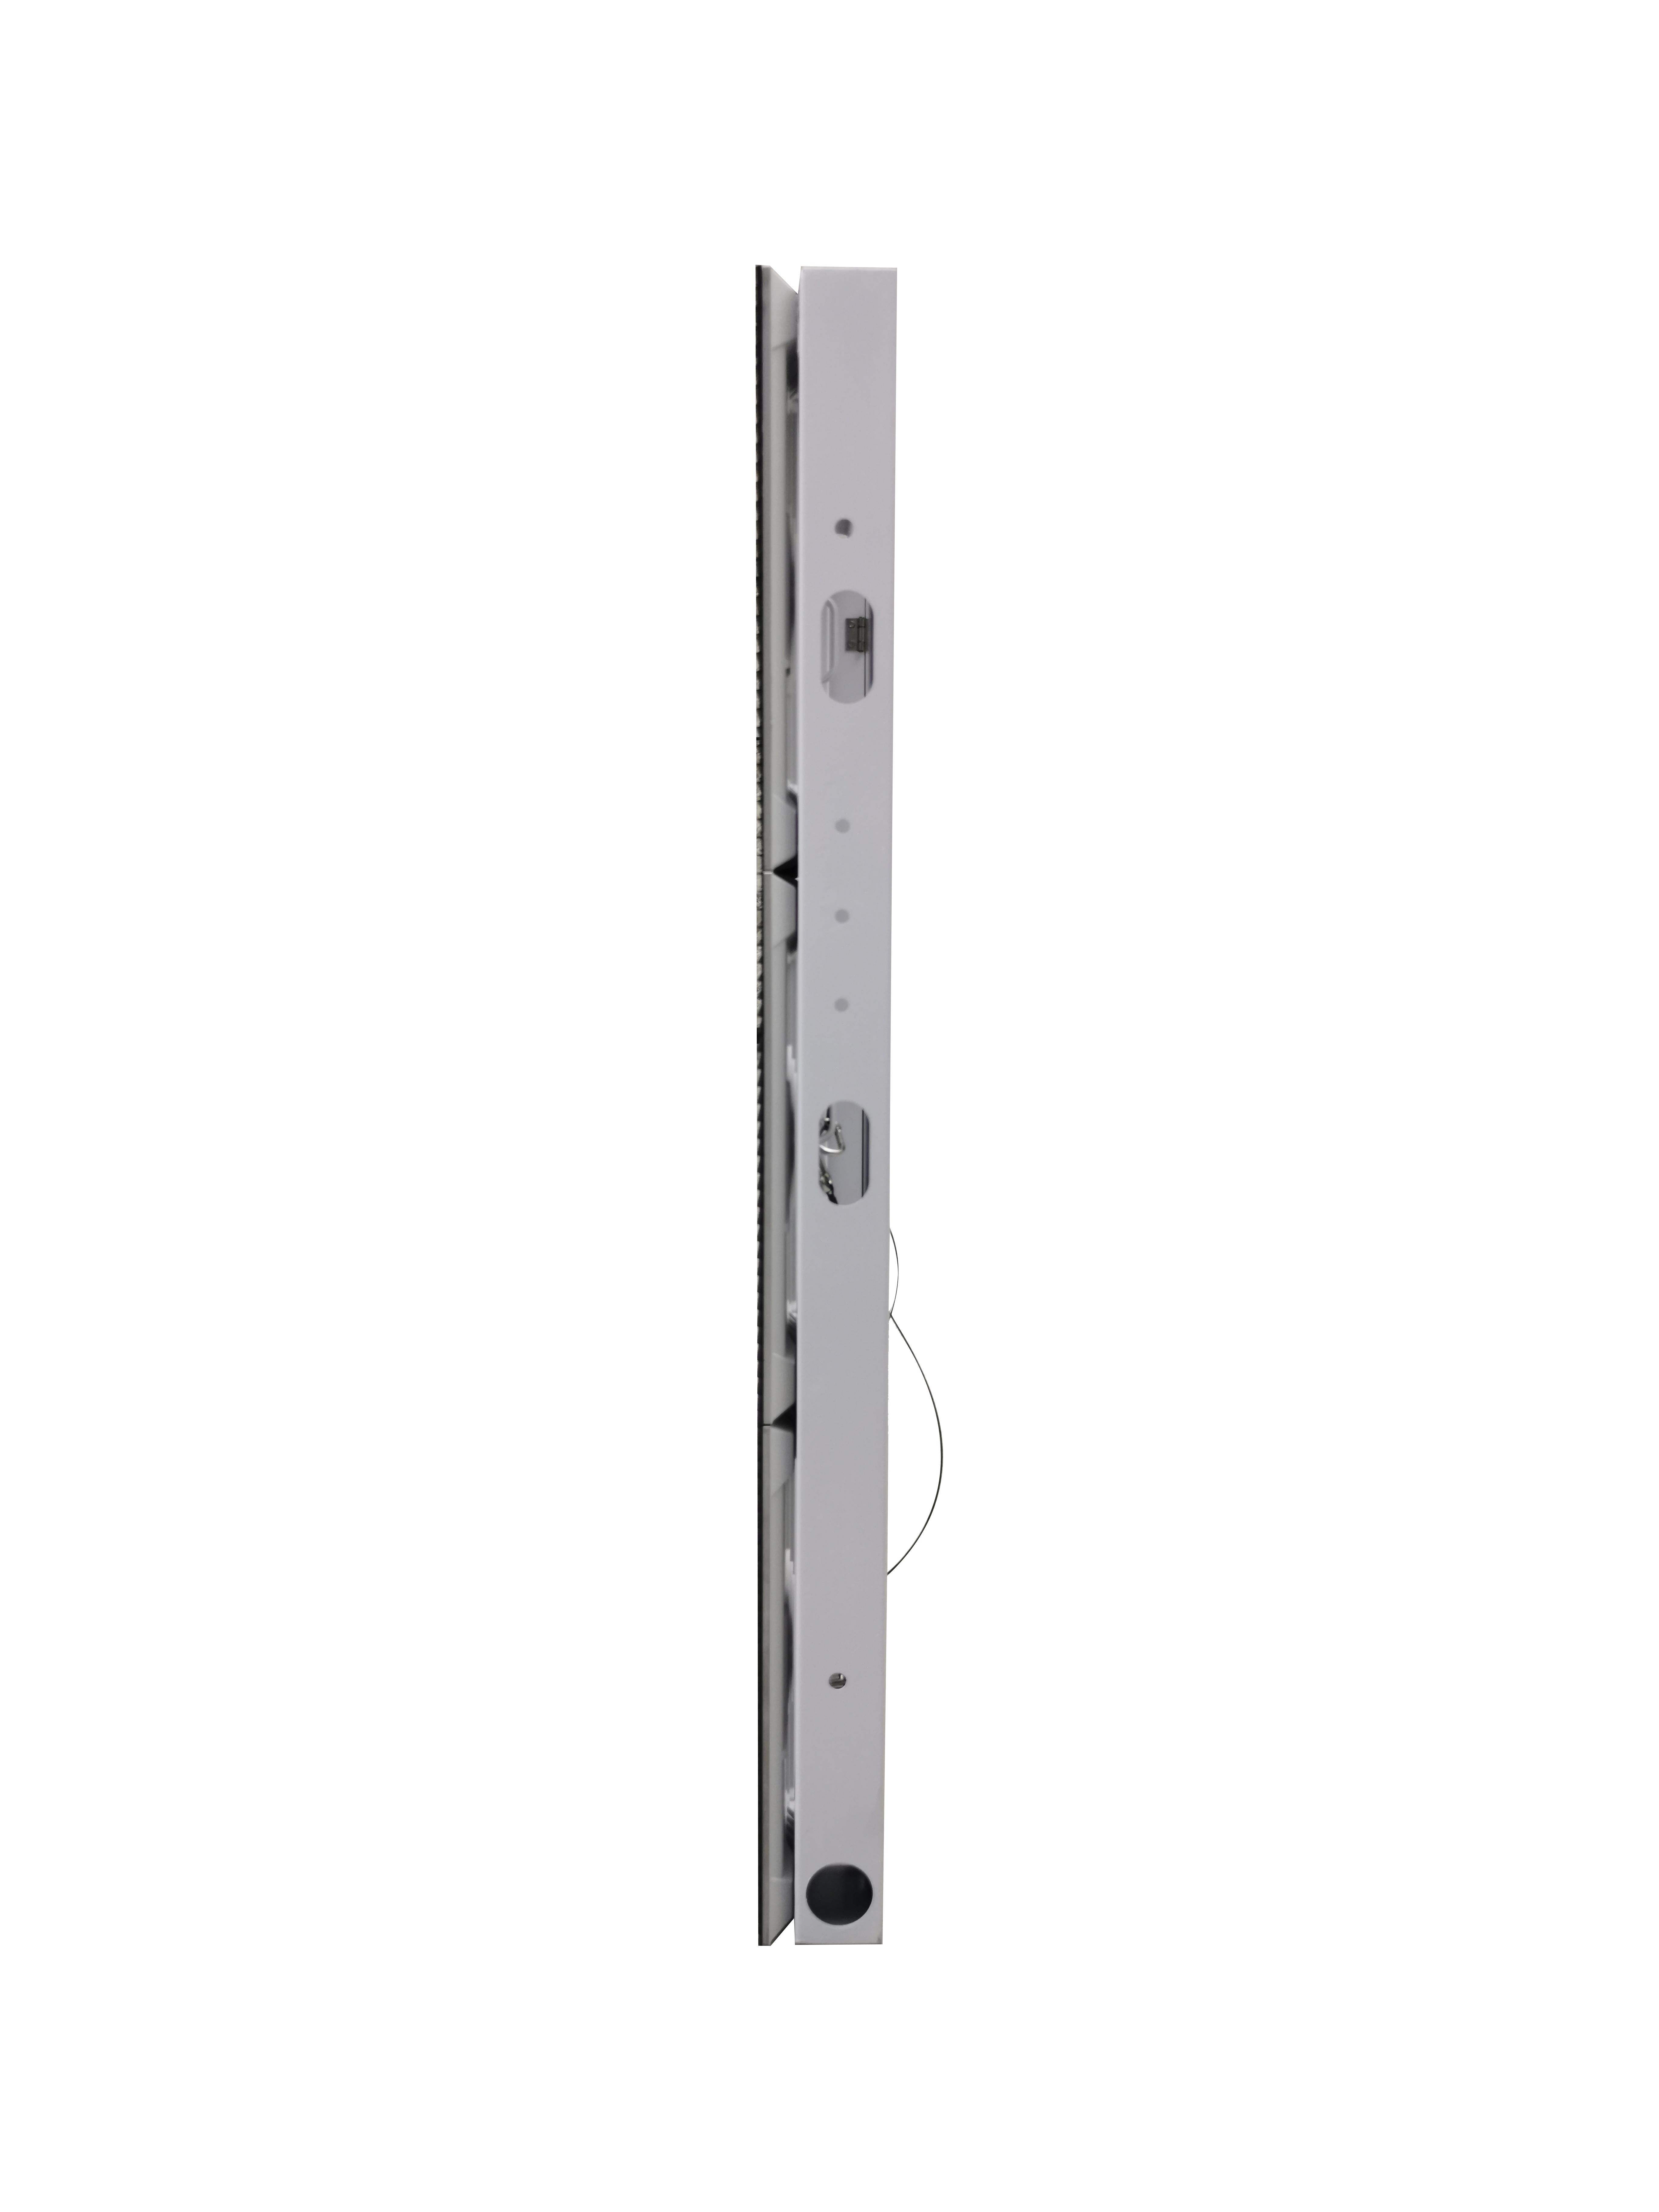 AF Pro Series LED Display